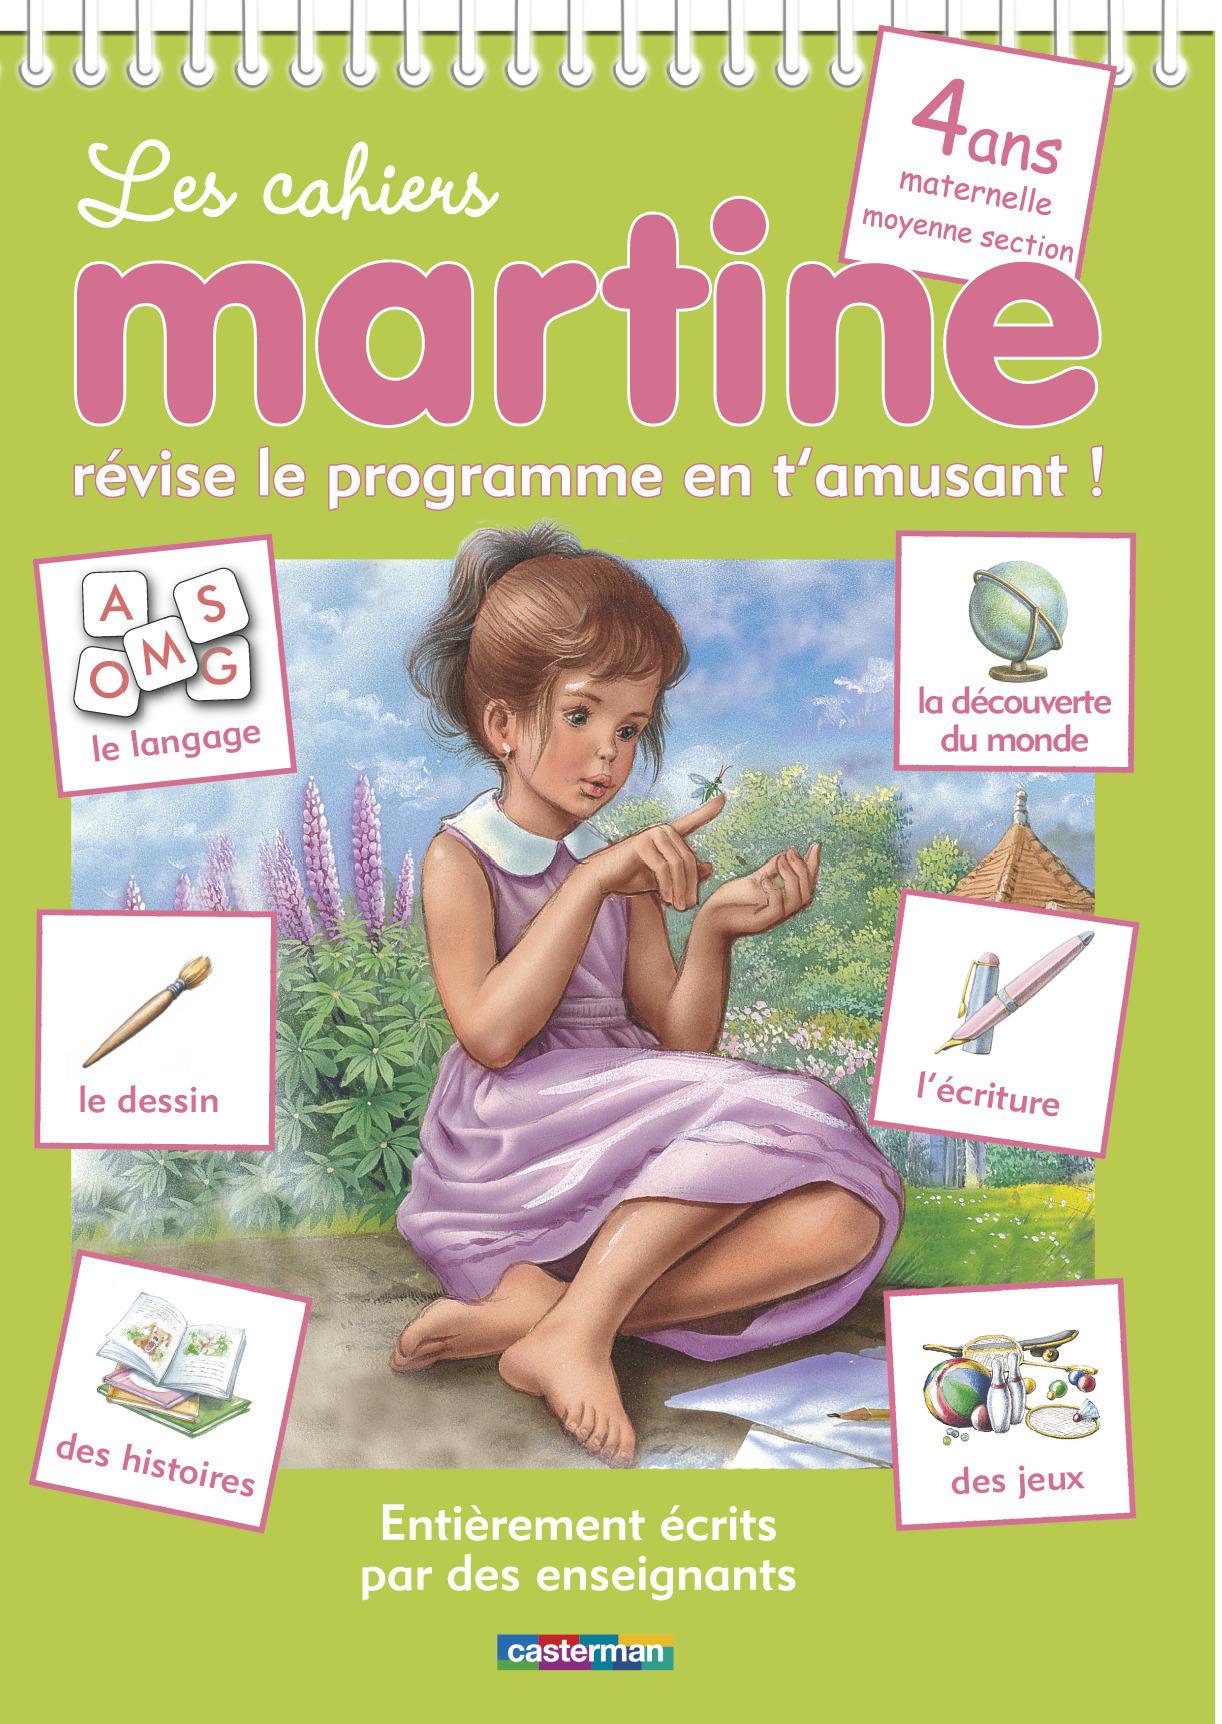 LES CAHIERS MARTINE: 4 ANS - MATERNELLE MOYENNE SECTION - REVISE LE PROGRAMME EN T'AMUSANT!